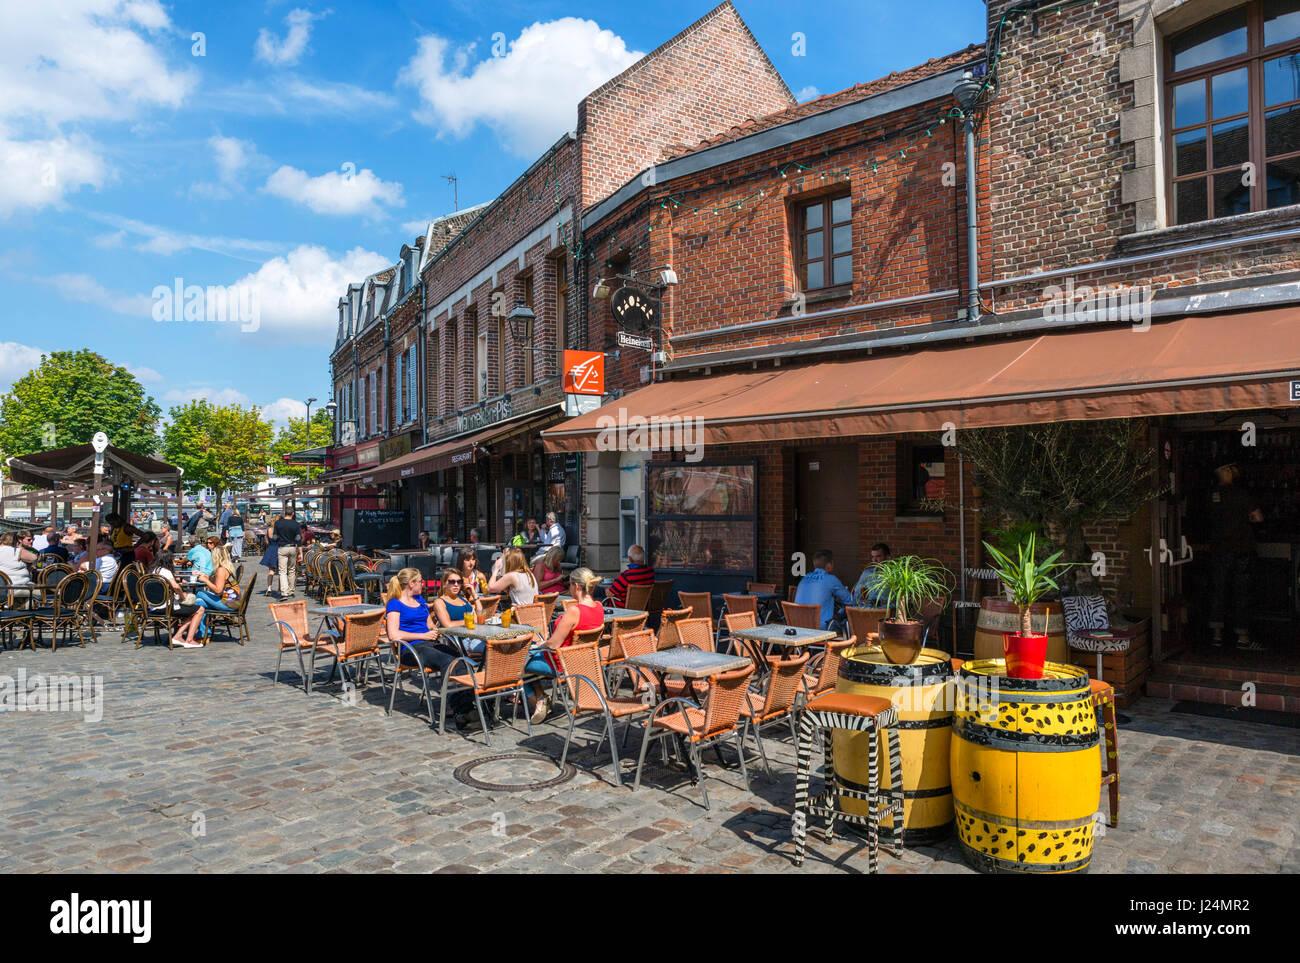 Cafe on Rue des Bondés, Quartier St-Leu, Amiens, Picardy, France - Stock Image